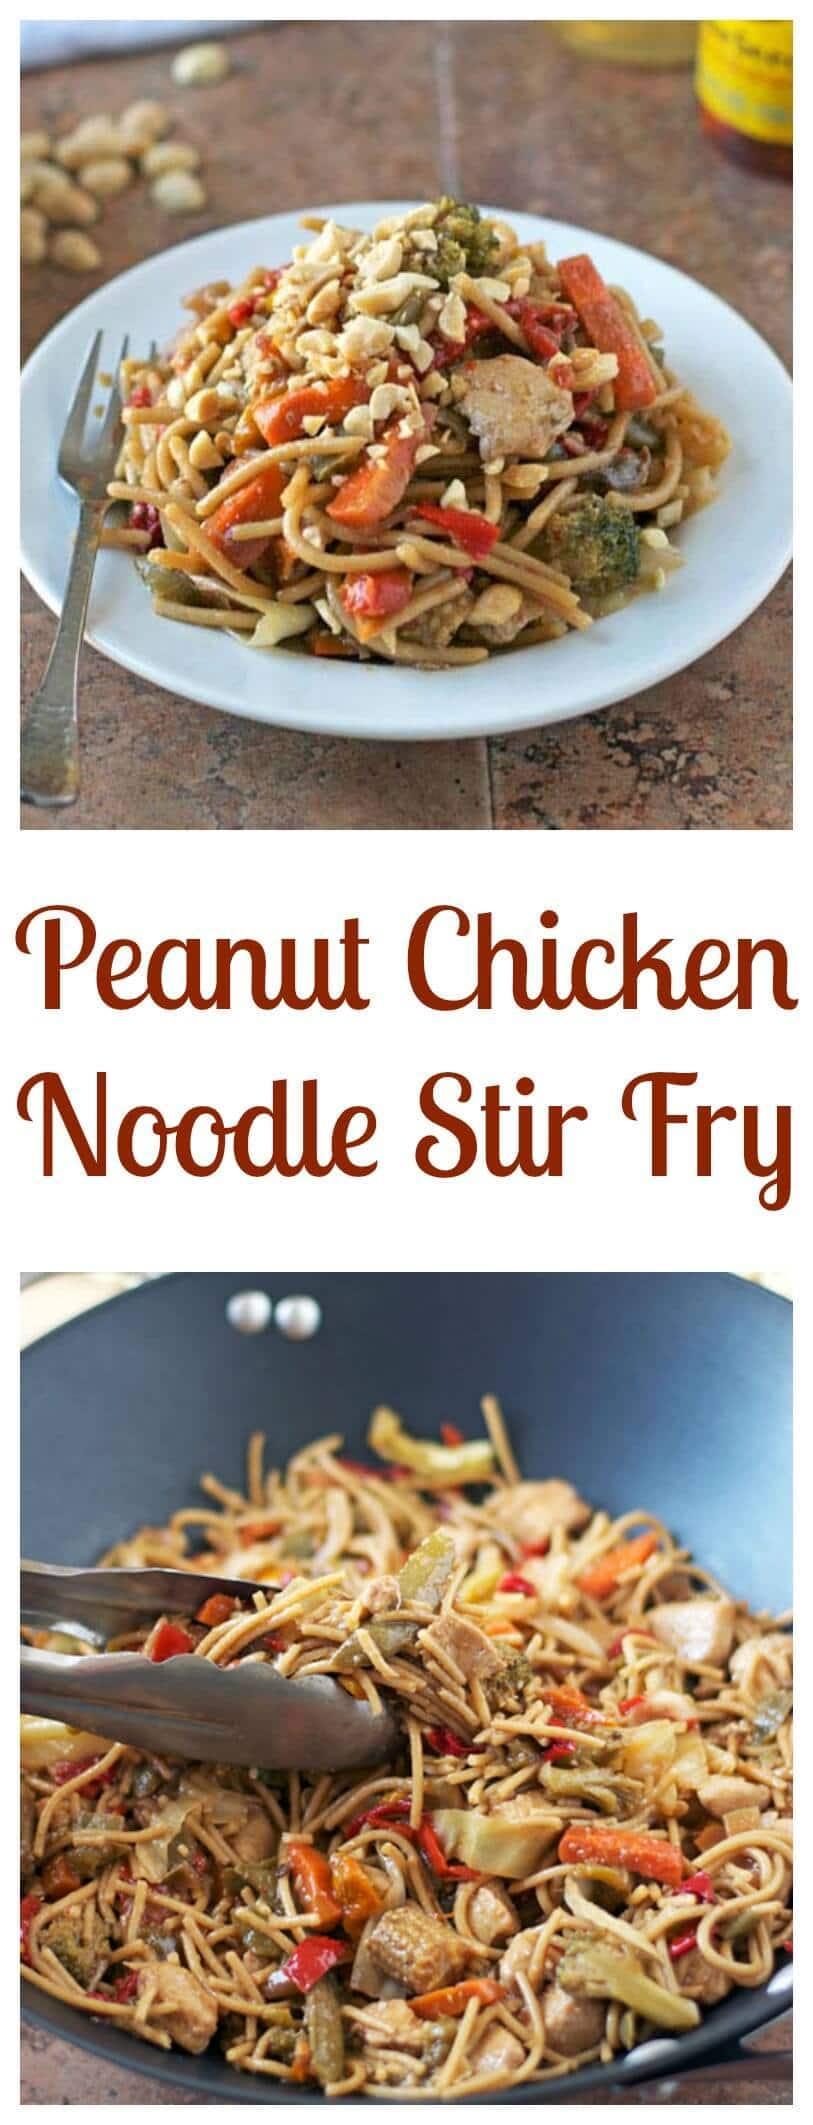 Peanut Chicken Noodle Stir Fry